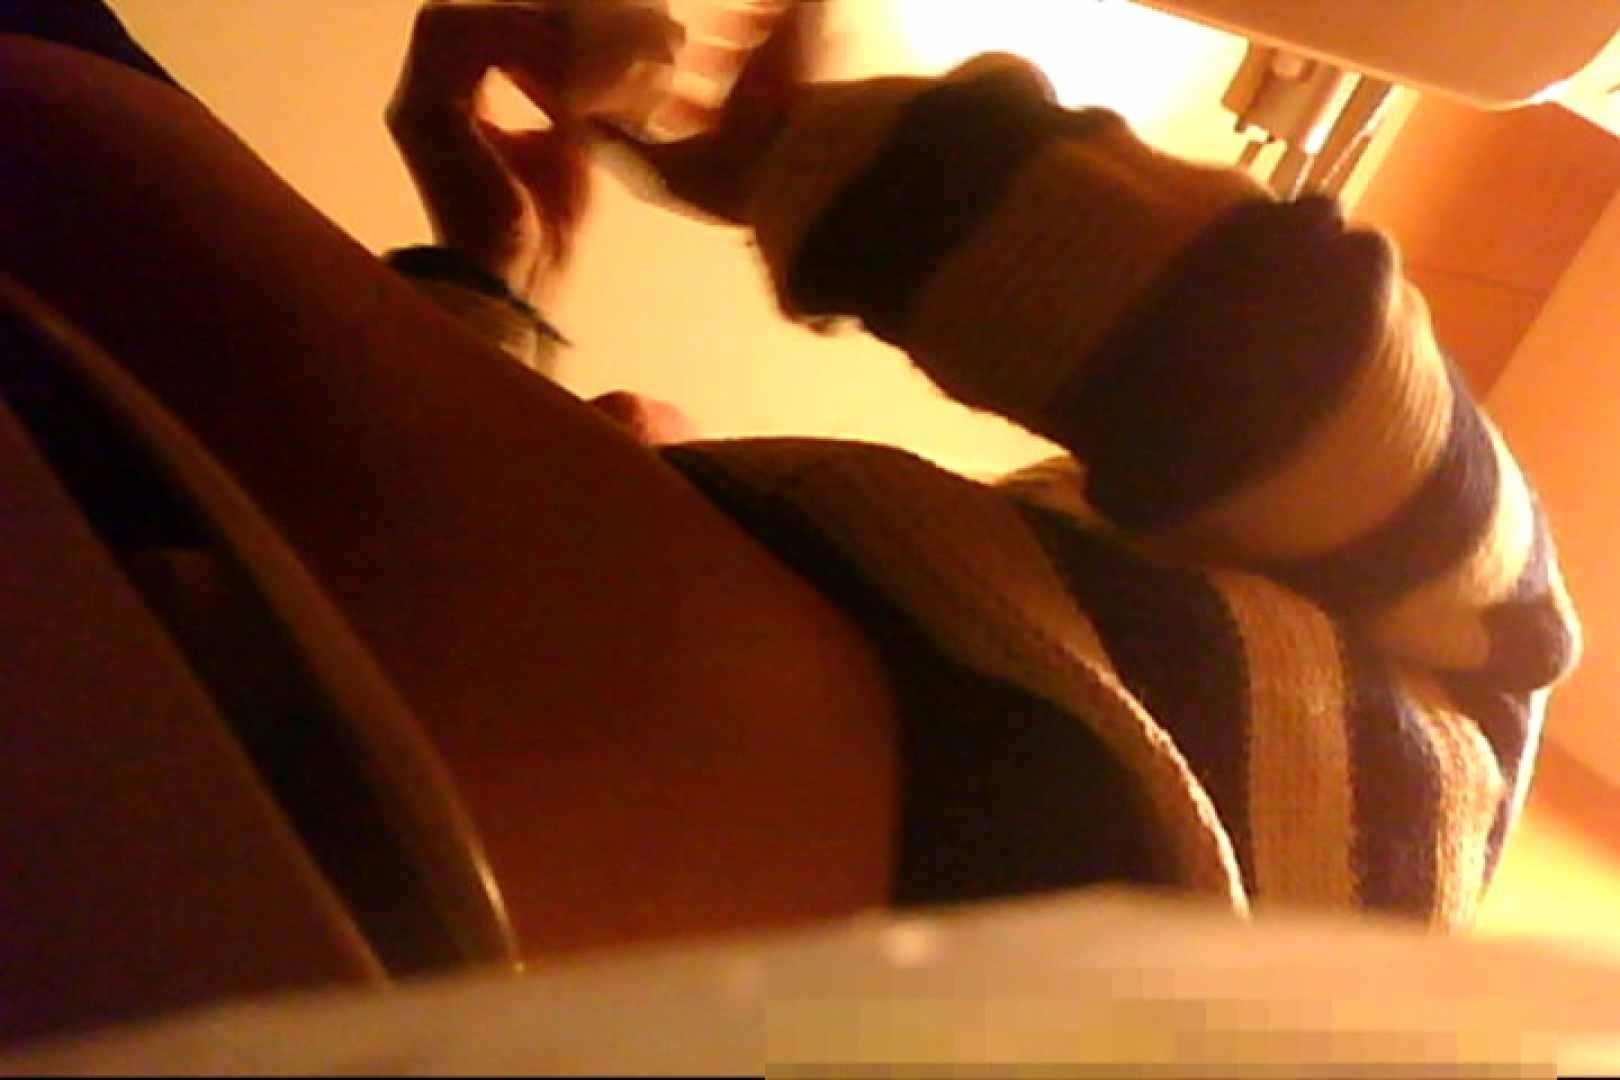 魅惑の化粧室~禁断のプライベート空間~vol.6 プライベート映像お届け SEX無修正画像 69連発 31